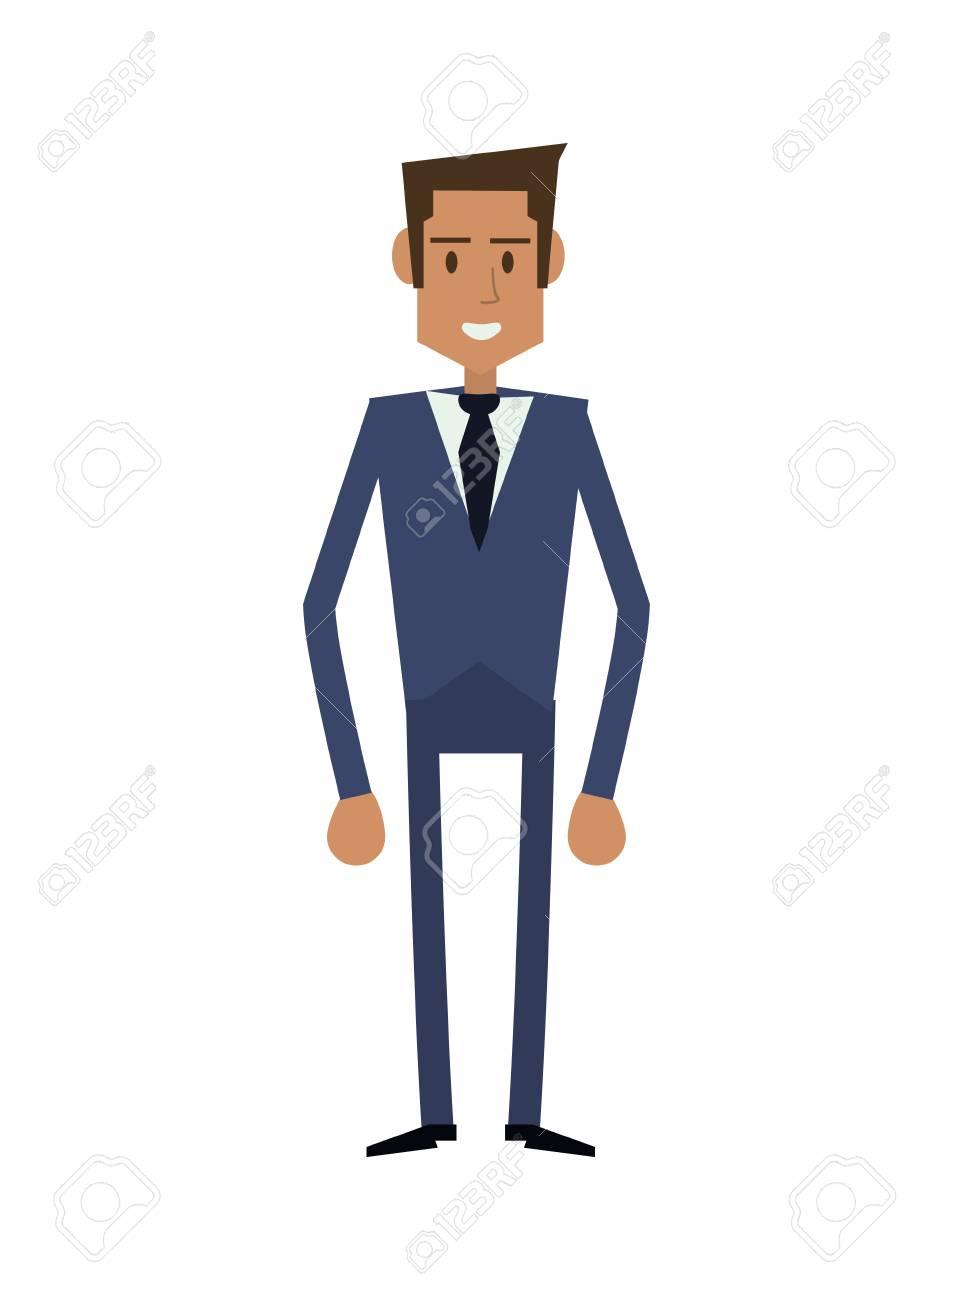 79012045c1f33 Foto de archivo - Hombre de negocios de dibujos animados hombre de negocios  macho avatar icono traje de paño. Diseño plano y aislado. ilustración  vectorial